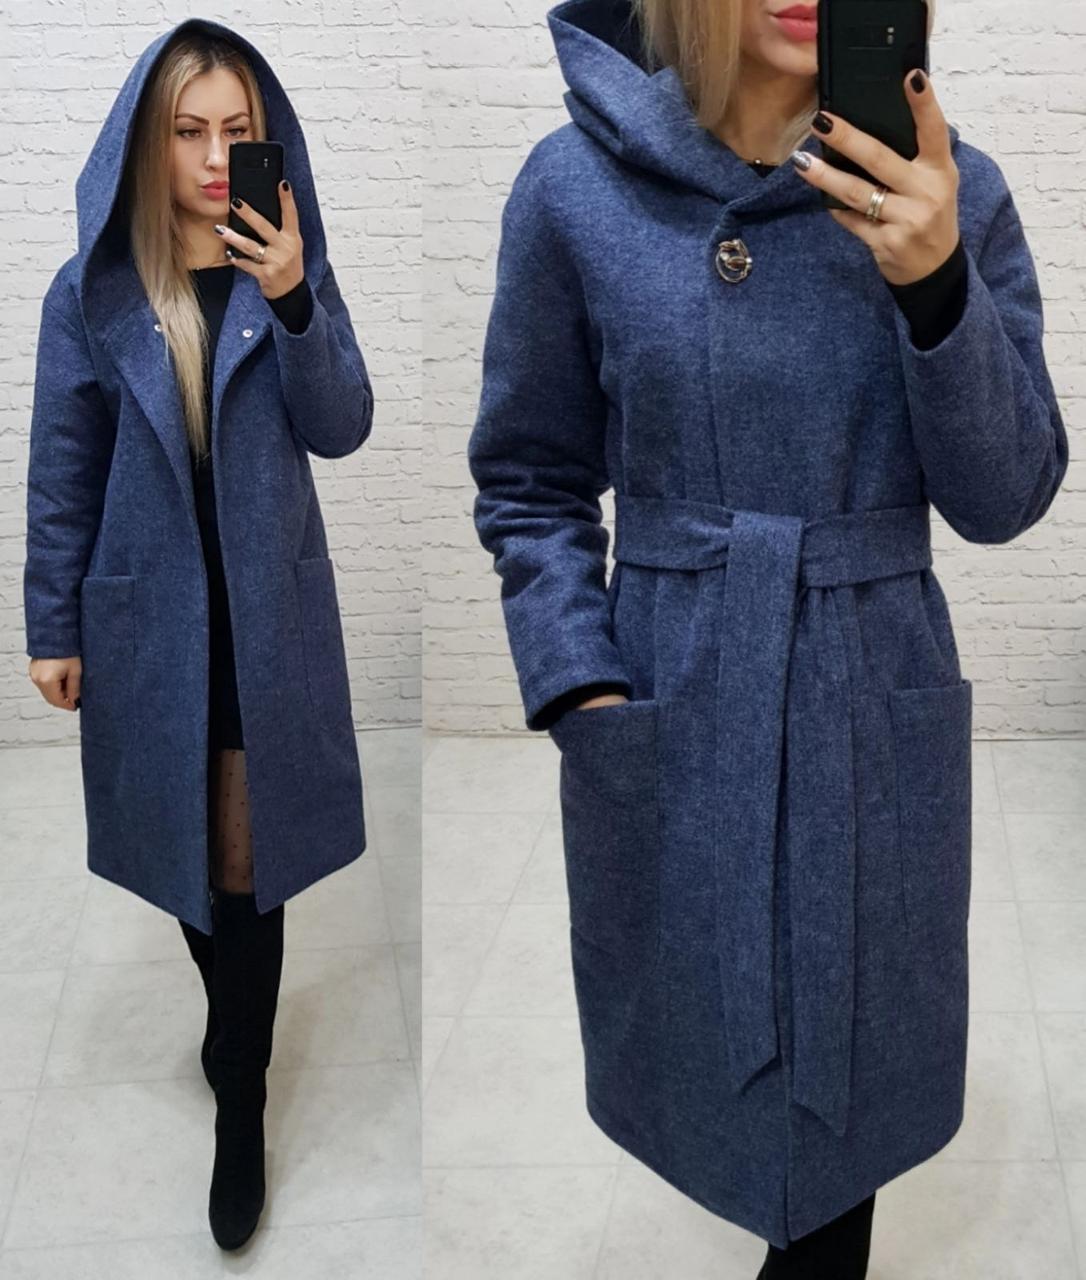 Кашемірове пальто утеплене на утеплювачі з капюшоном,арт 176, колір синій джинс (3)